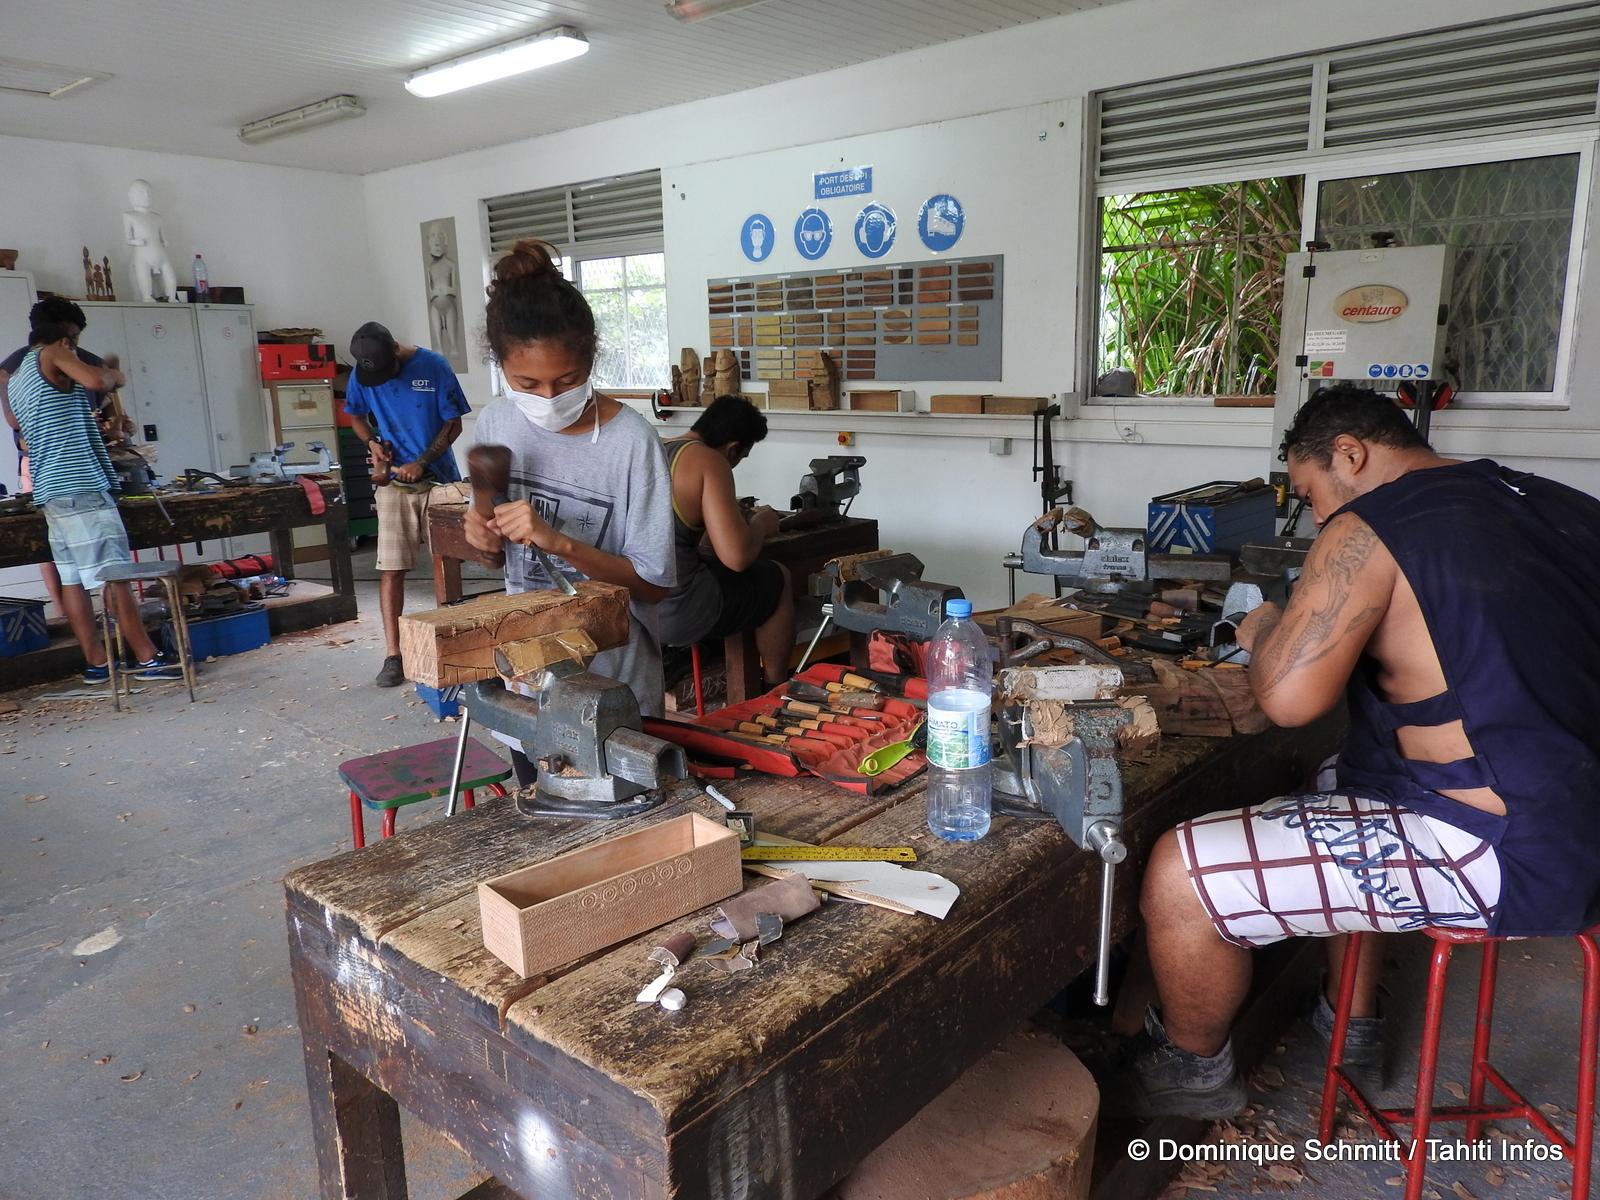 Le Centre des métiers d'art a initié cet événement culturel pour fédérer les artistes de la région Pacifique.